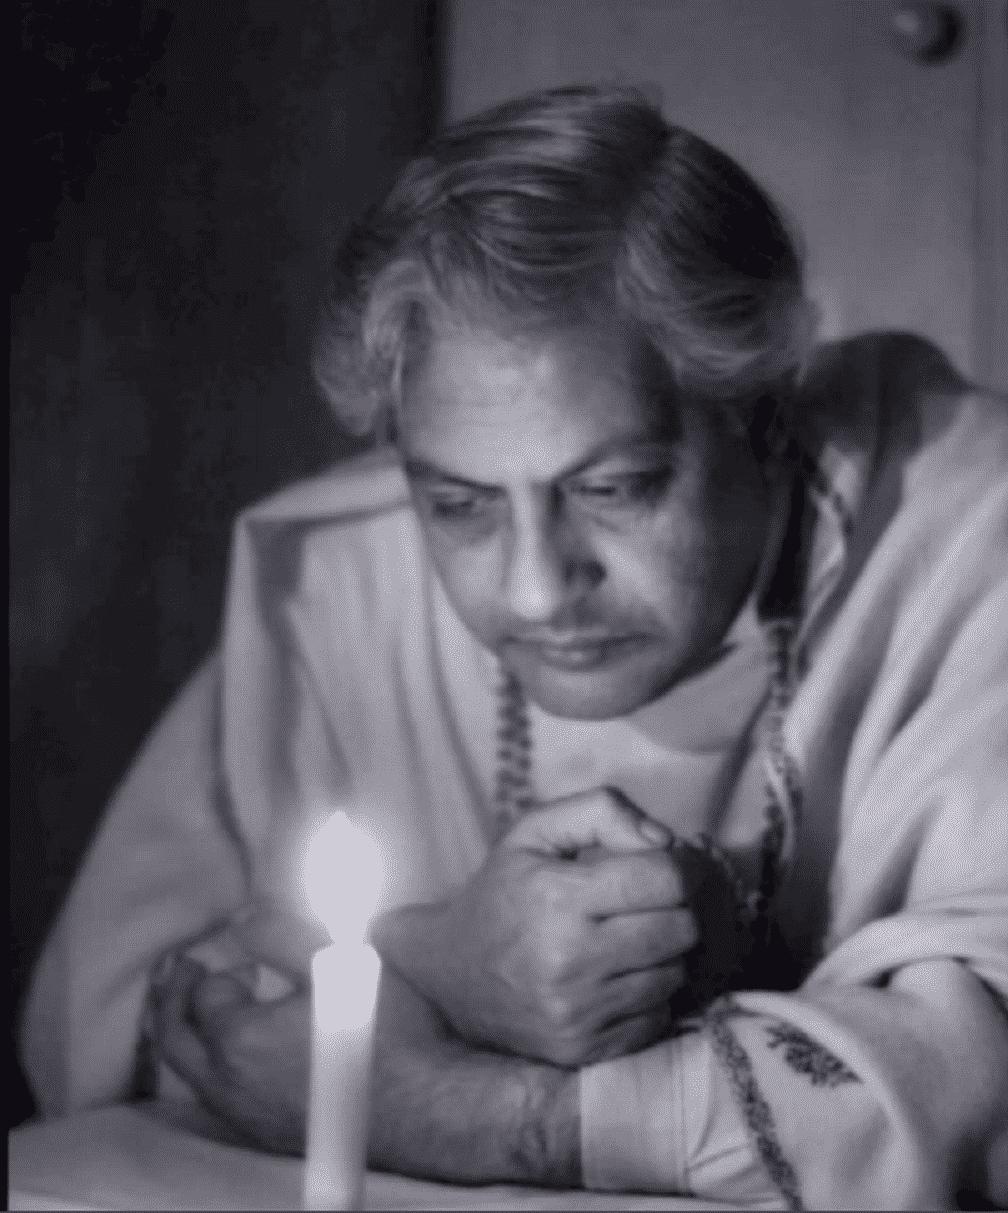 Cena de celebración del 83 aniversario de Gururaj Ananda Yogi